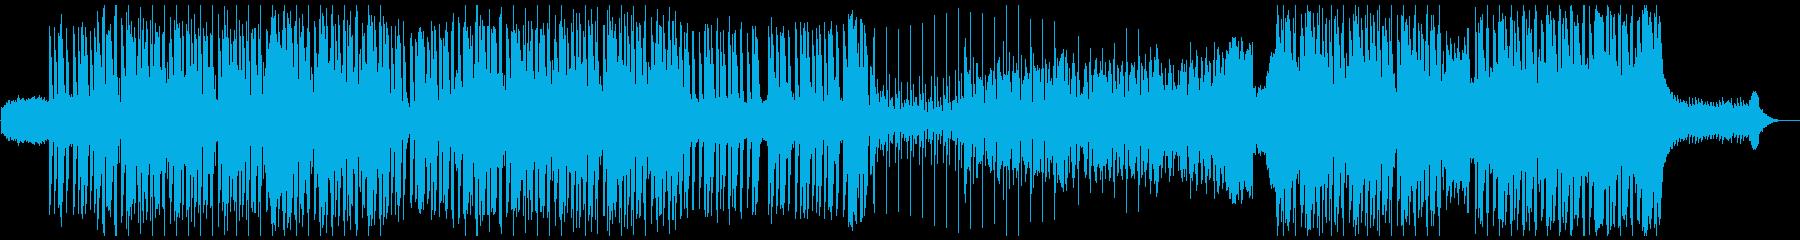 ちょっと怪しい和風なHipHopの再生済みの波形